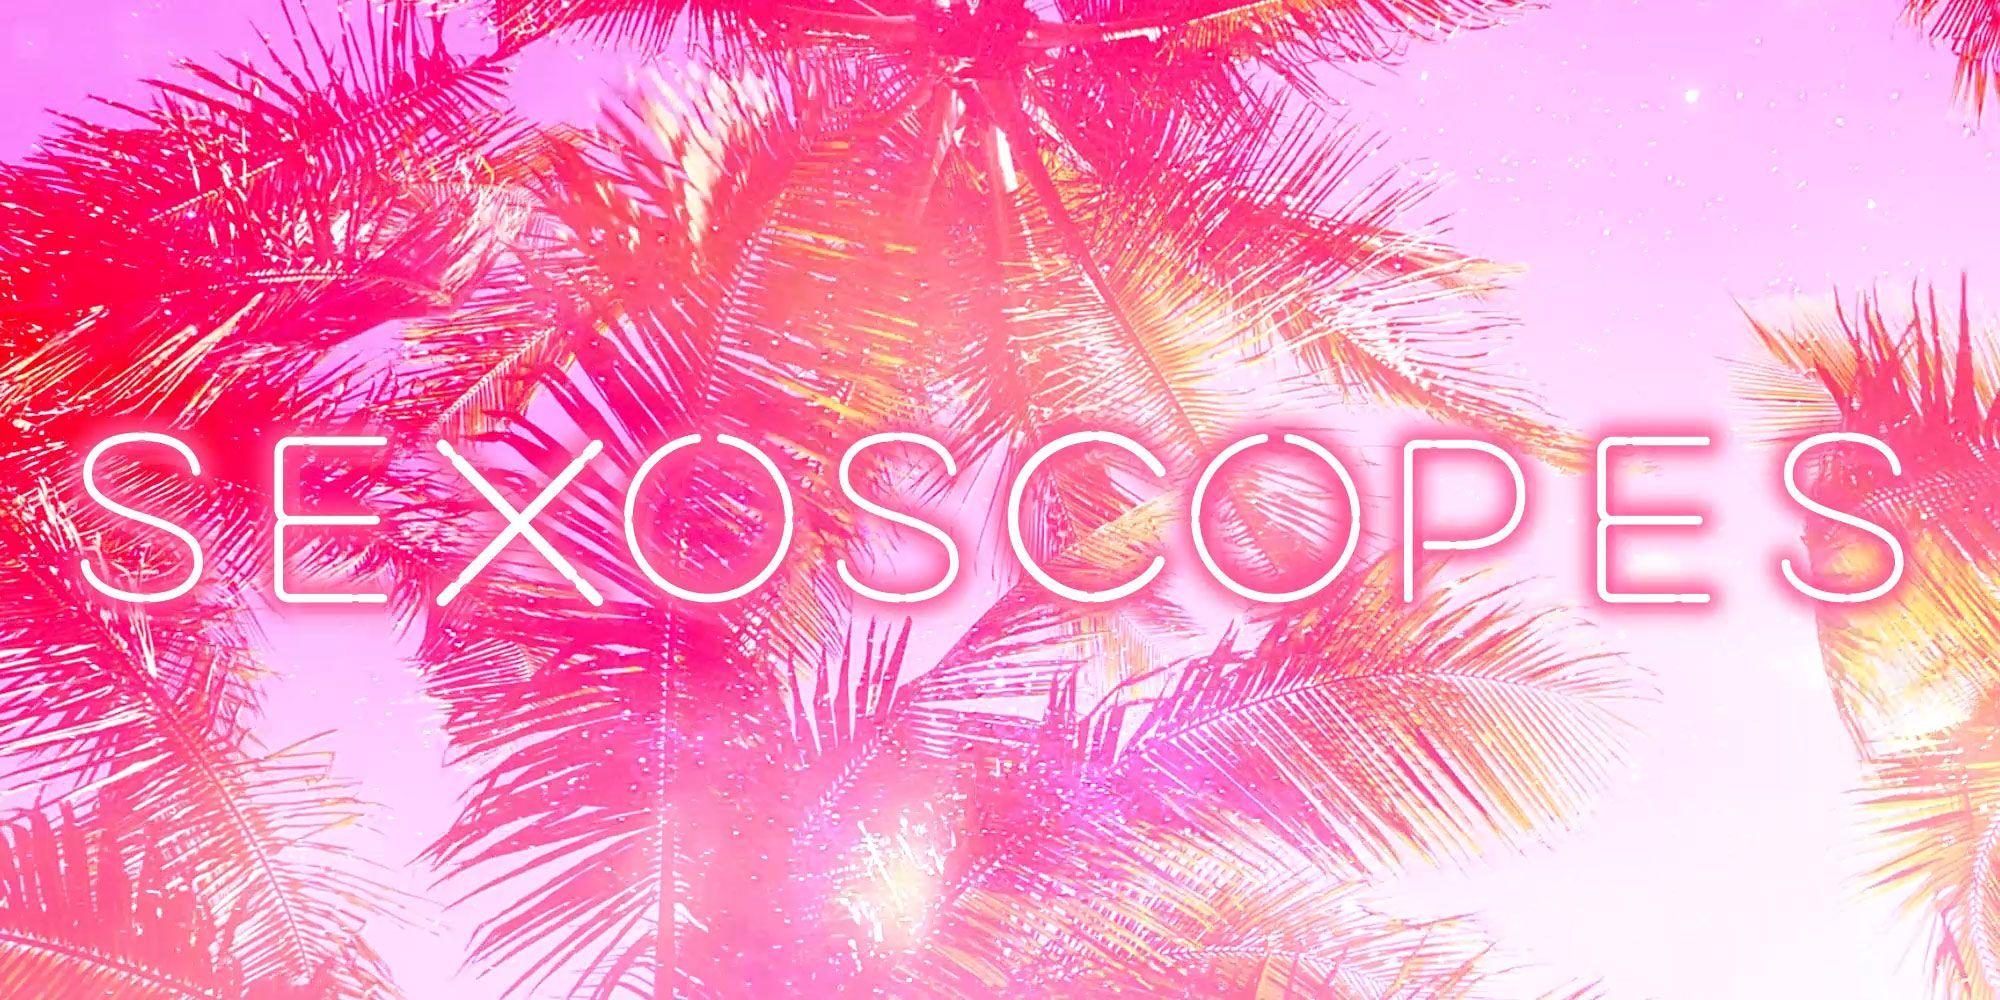 cosmo horoscope aries